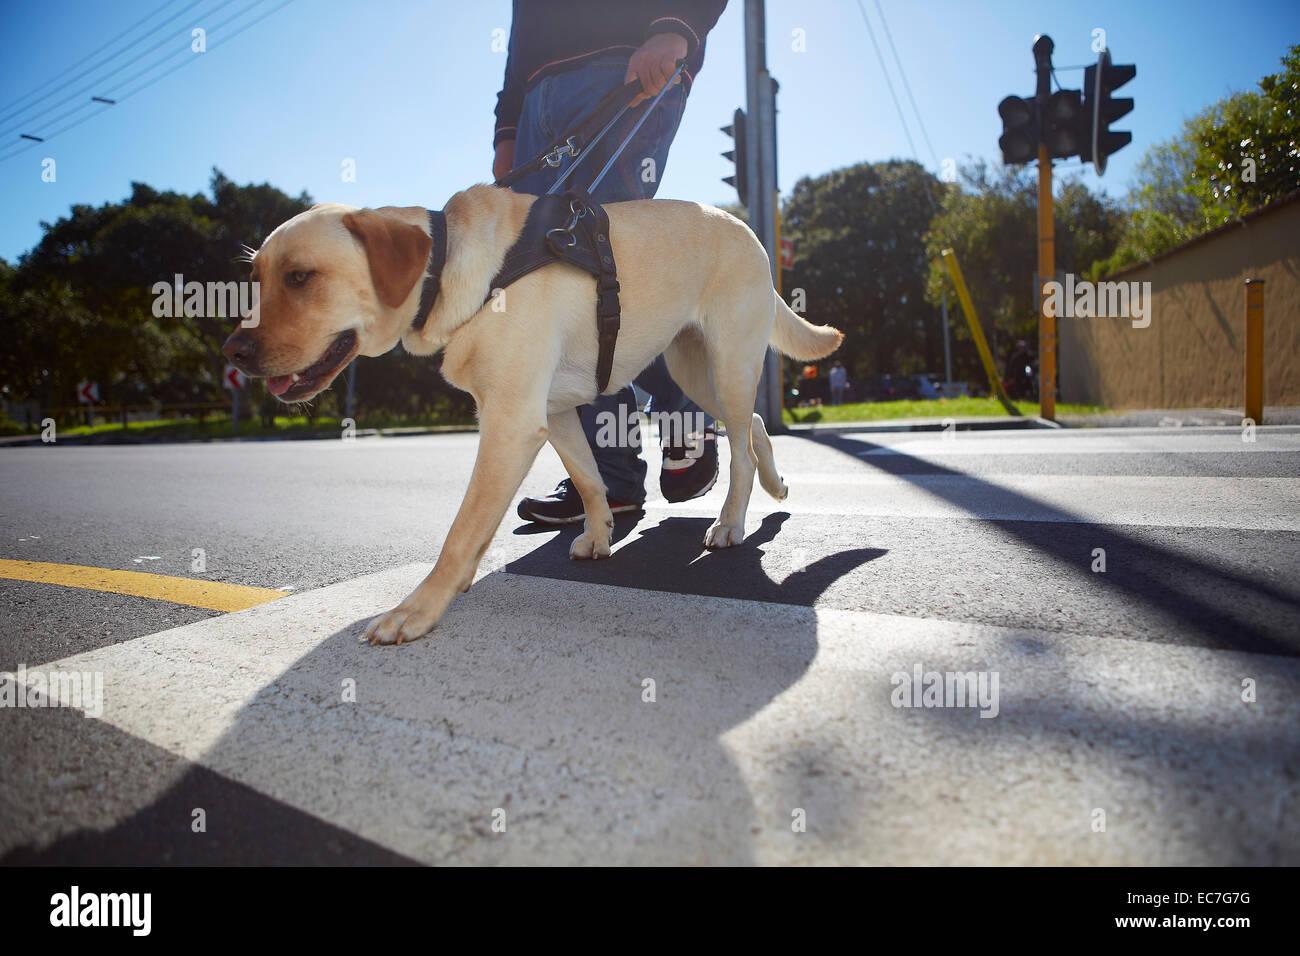 L'homme ayant une déficience visuelle de traverser une rue avec son chien-guide Photo Stock